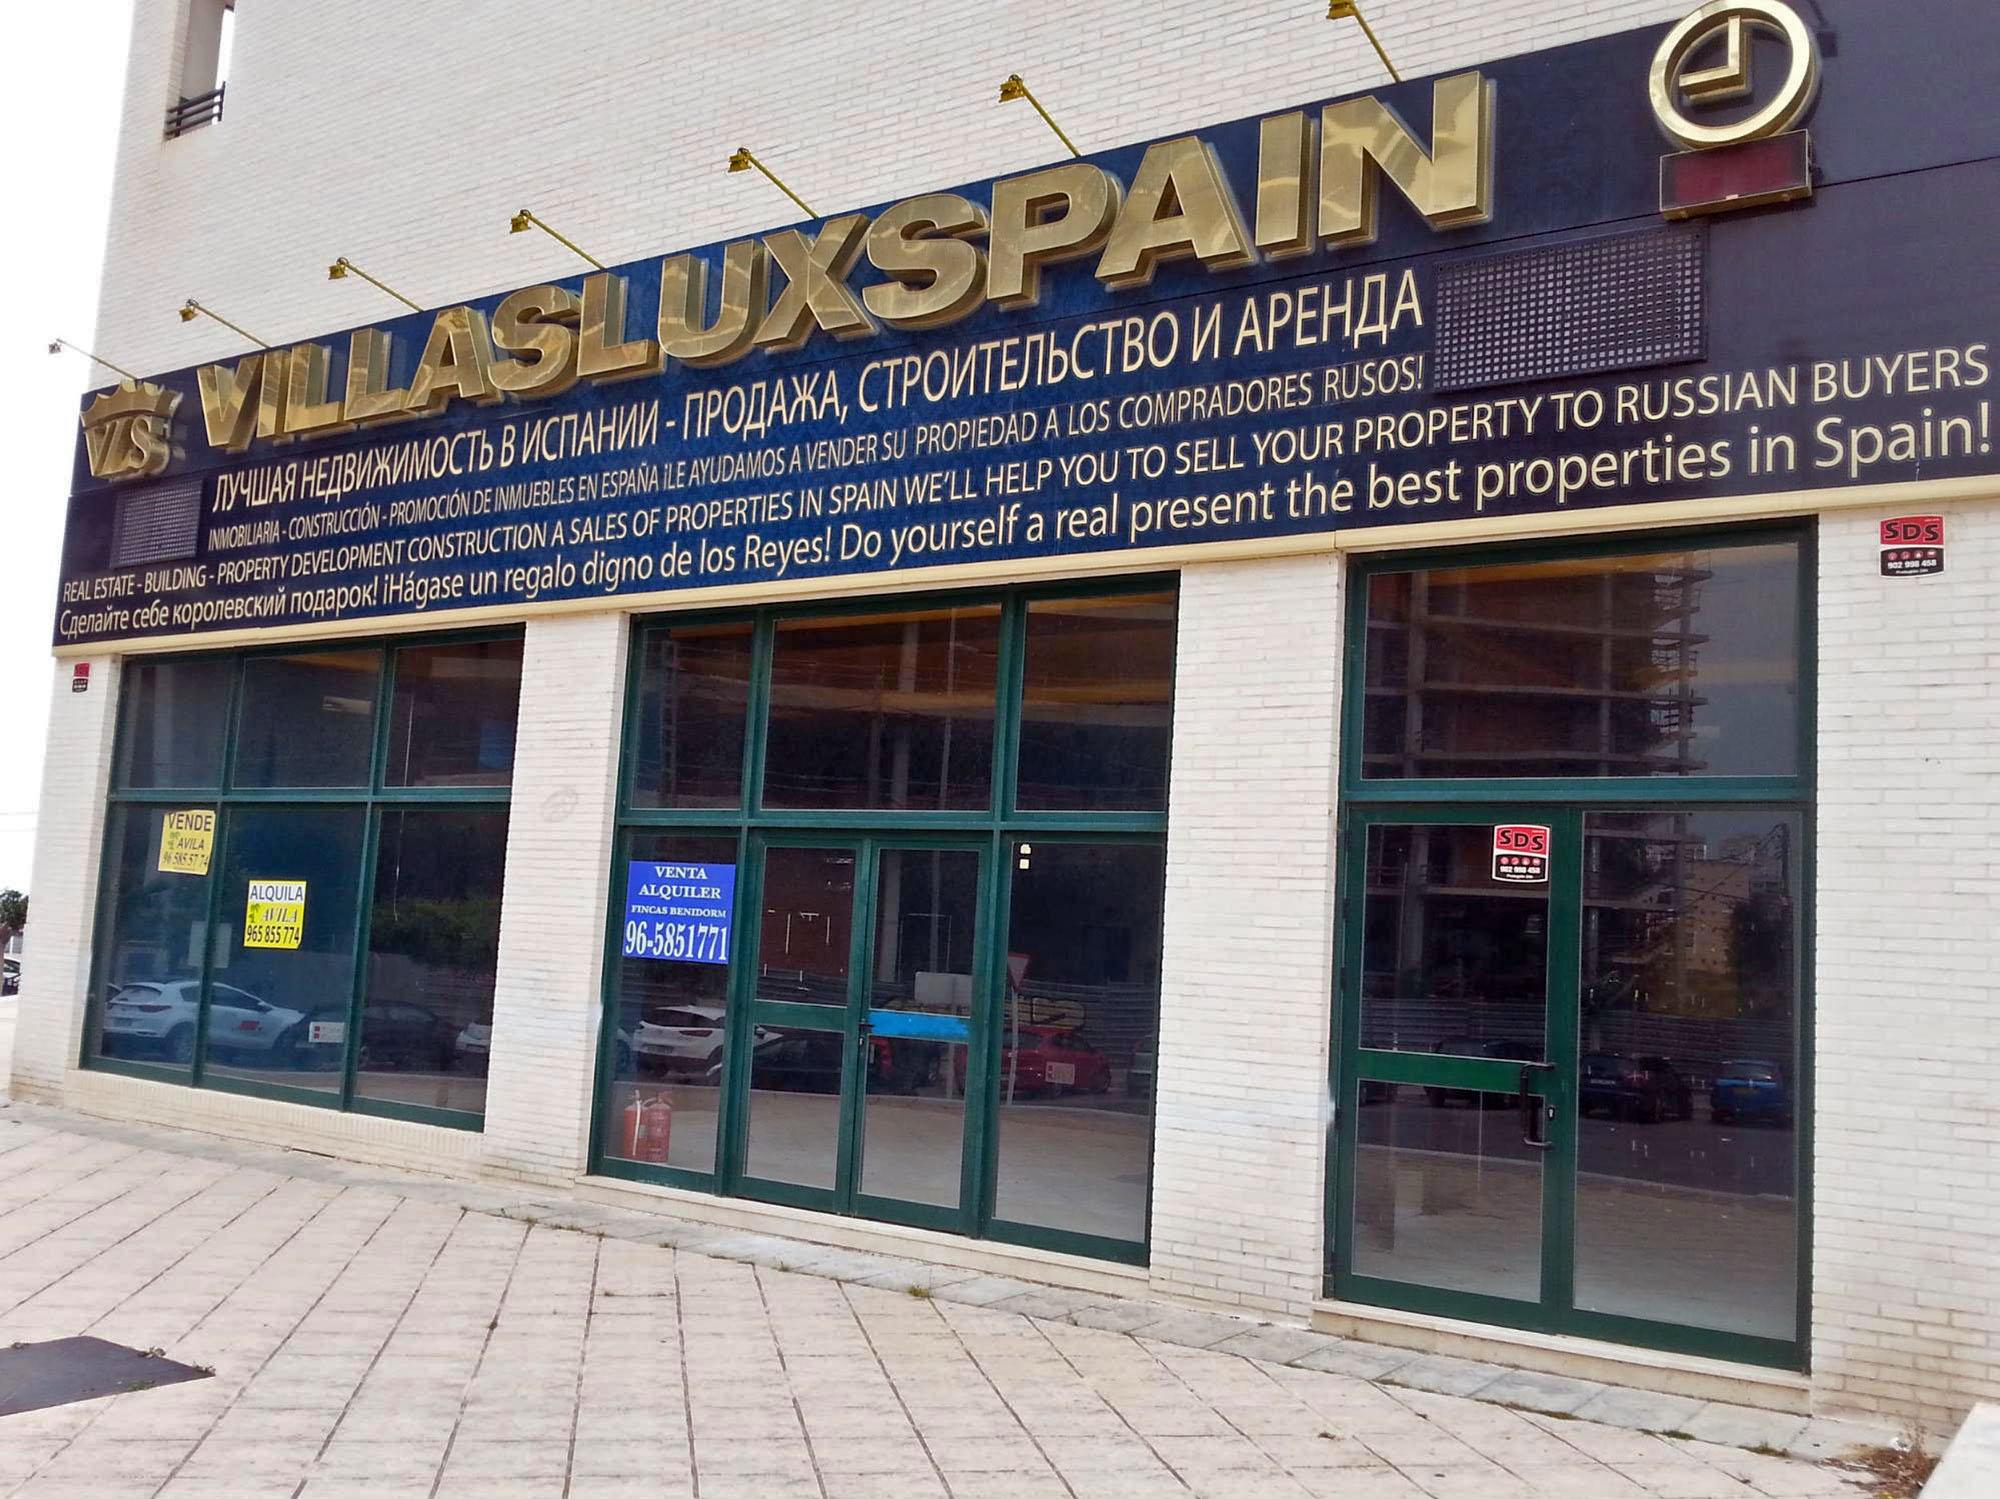 Эта риелторская контора в Бенидорме несколько лет работала с русскоязычными покупателями